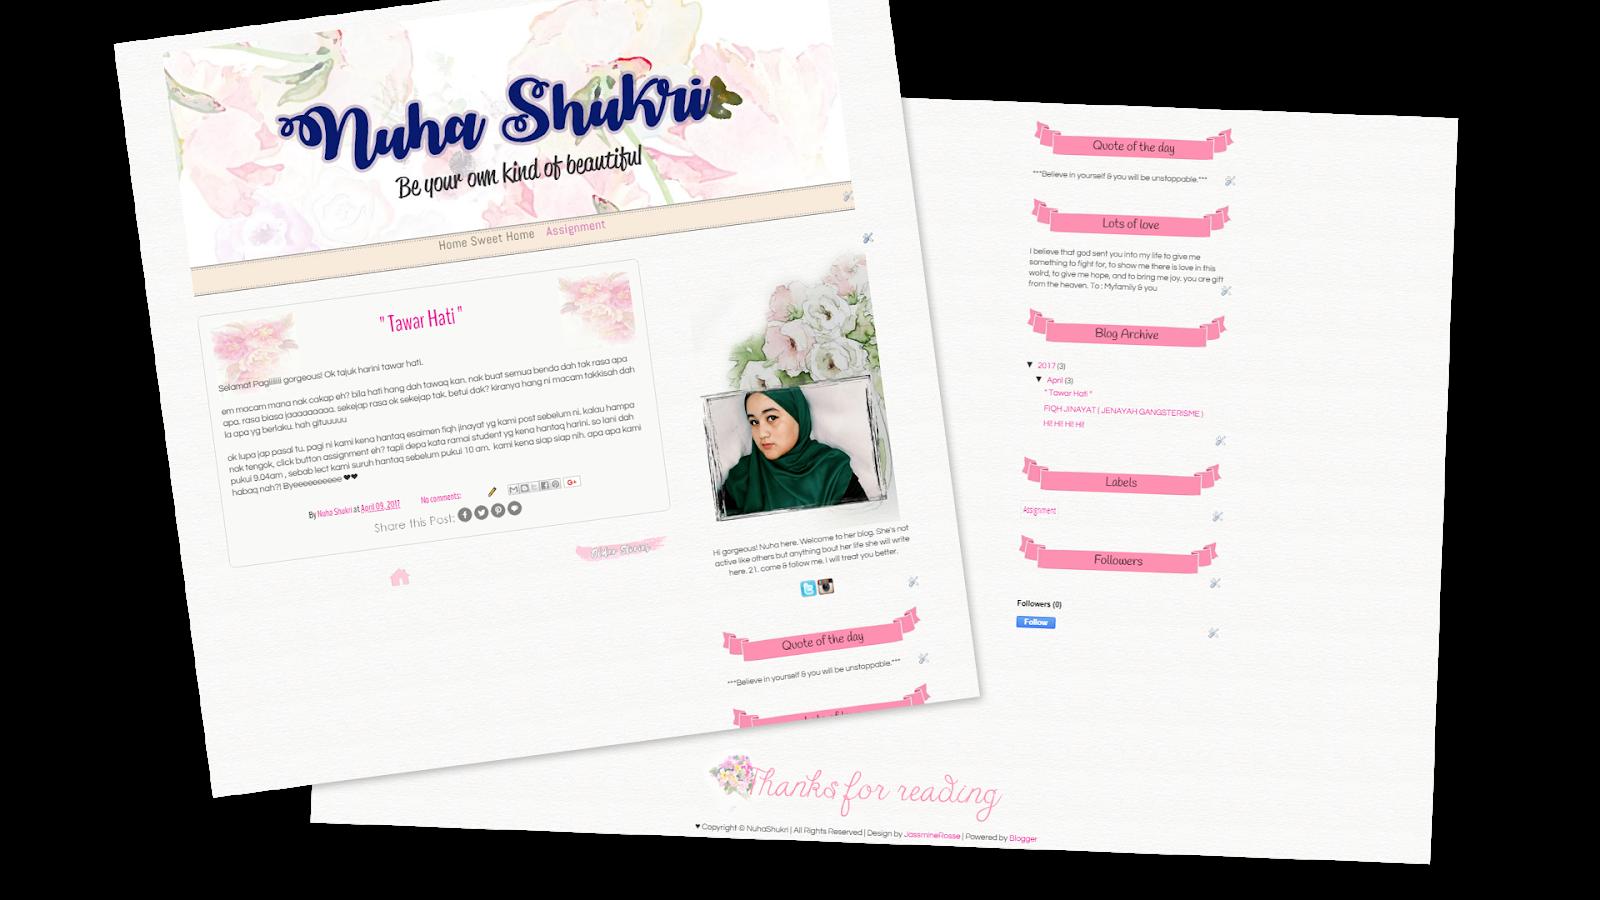 Nuha Syukri Blog